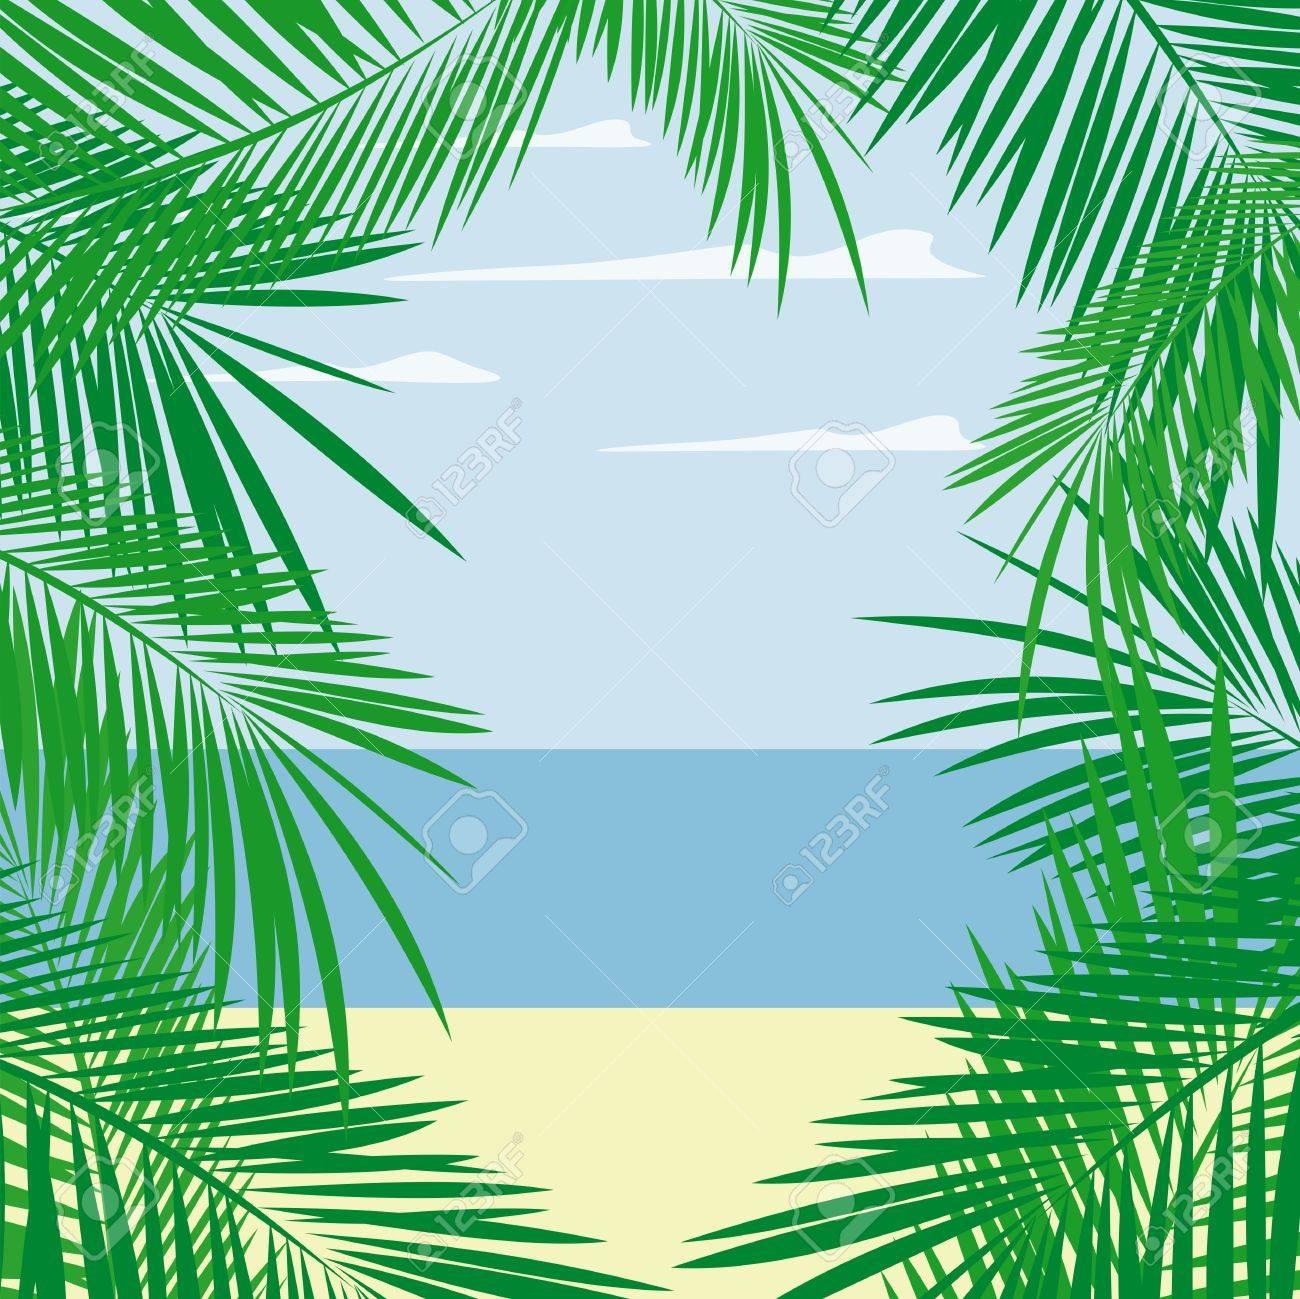 Palmenblättern Framing Strand Und Meer Landschaft, Vektor-Format ...